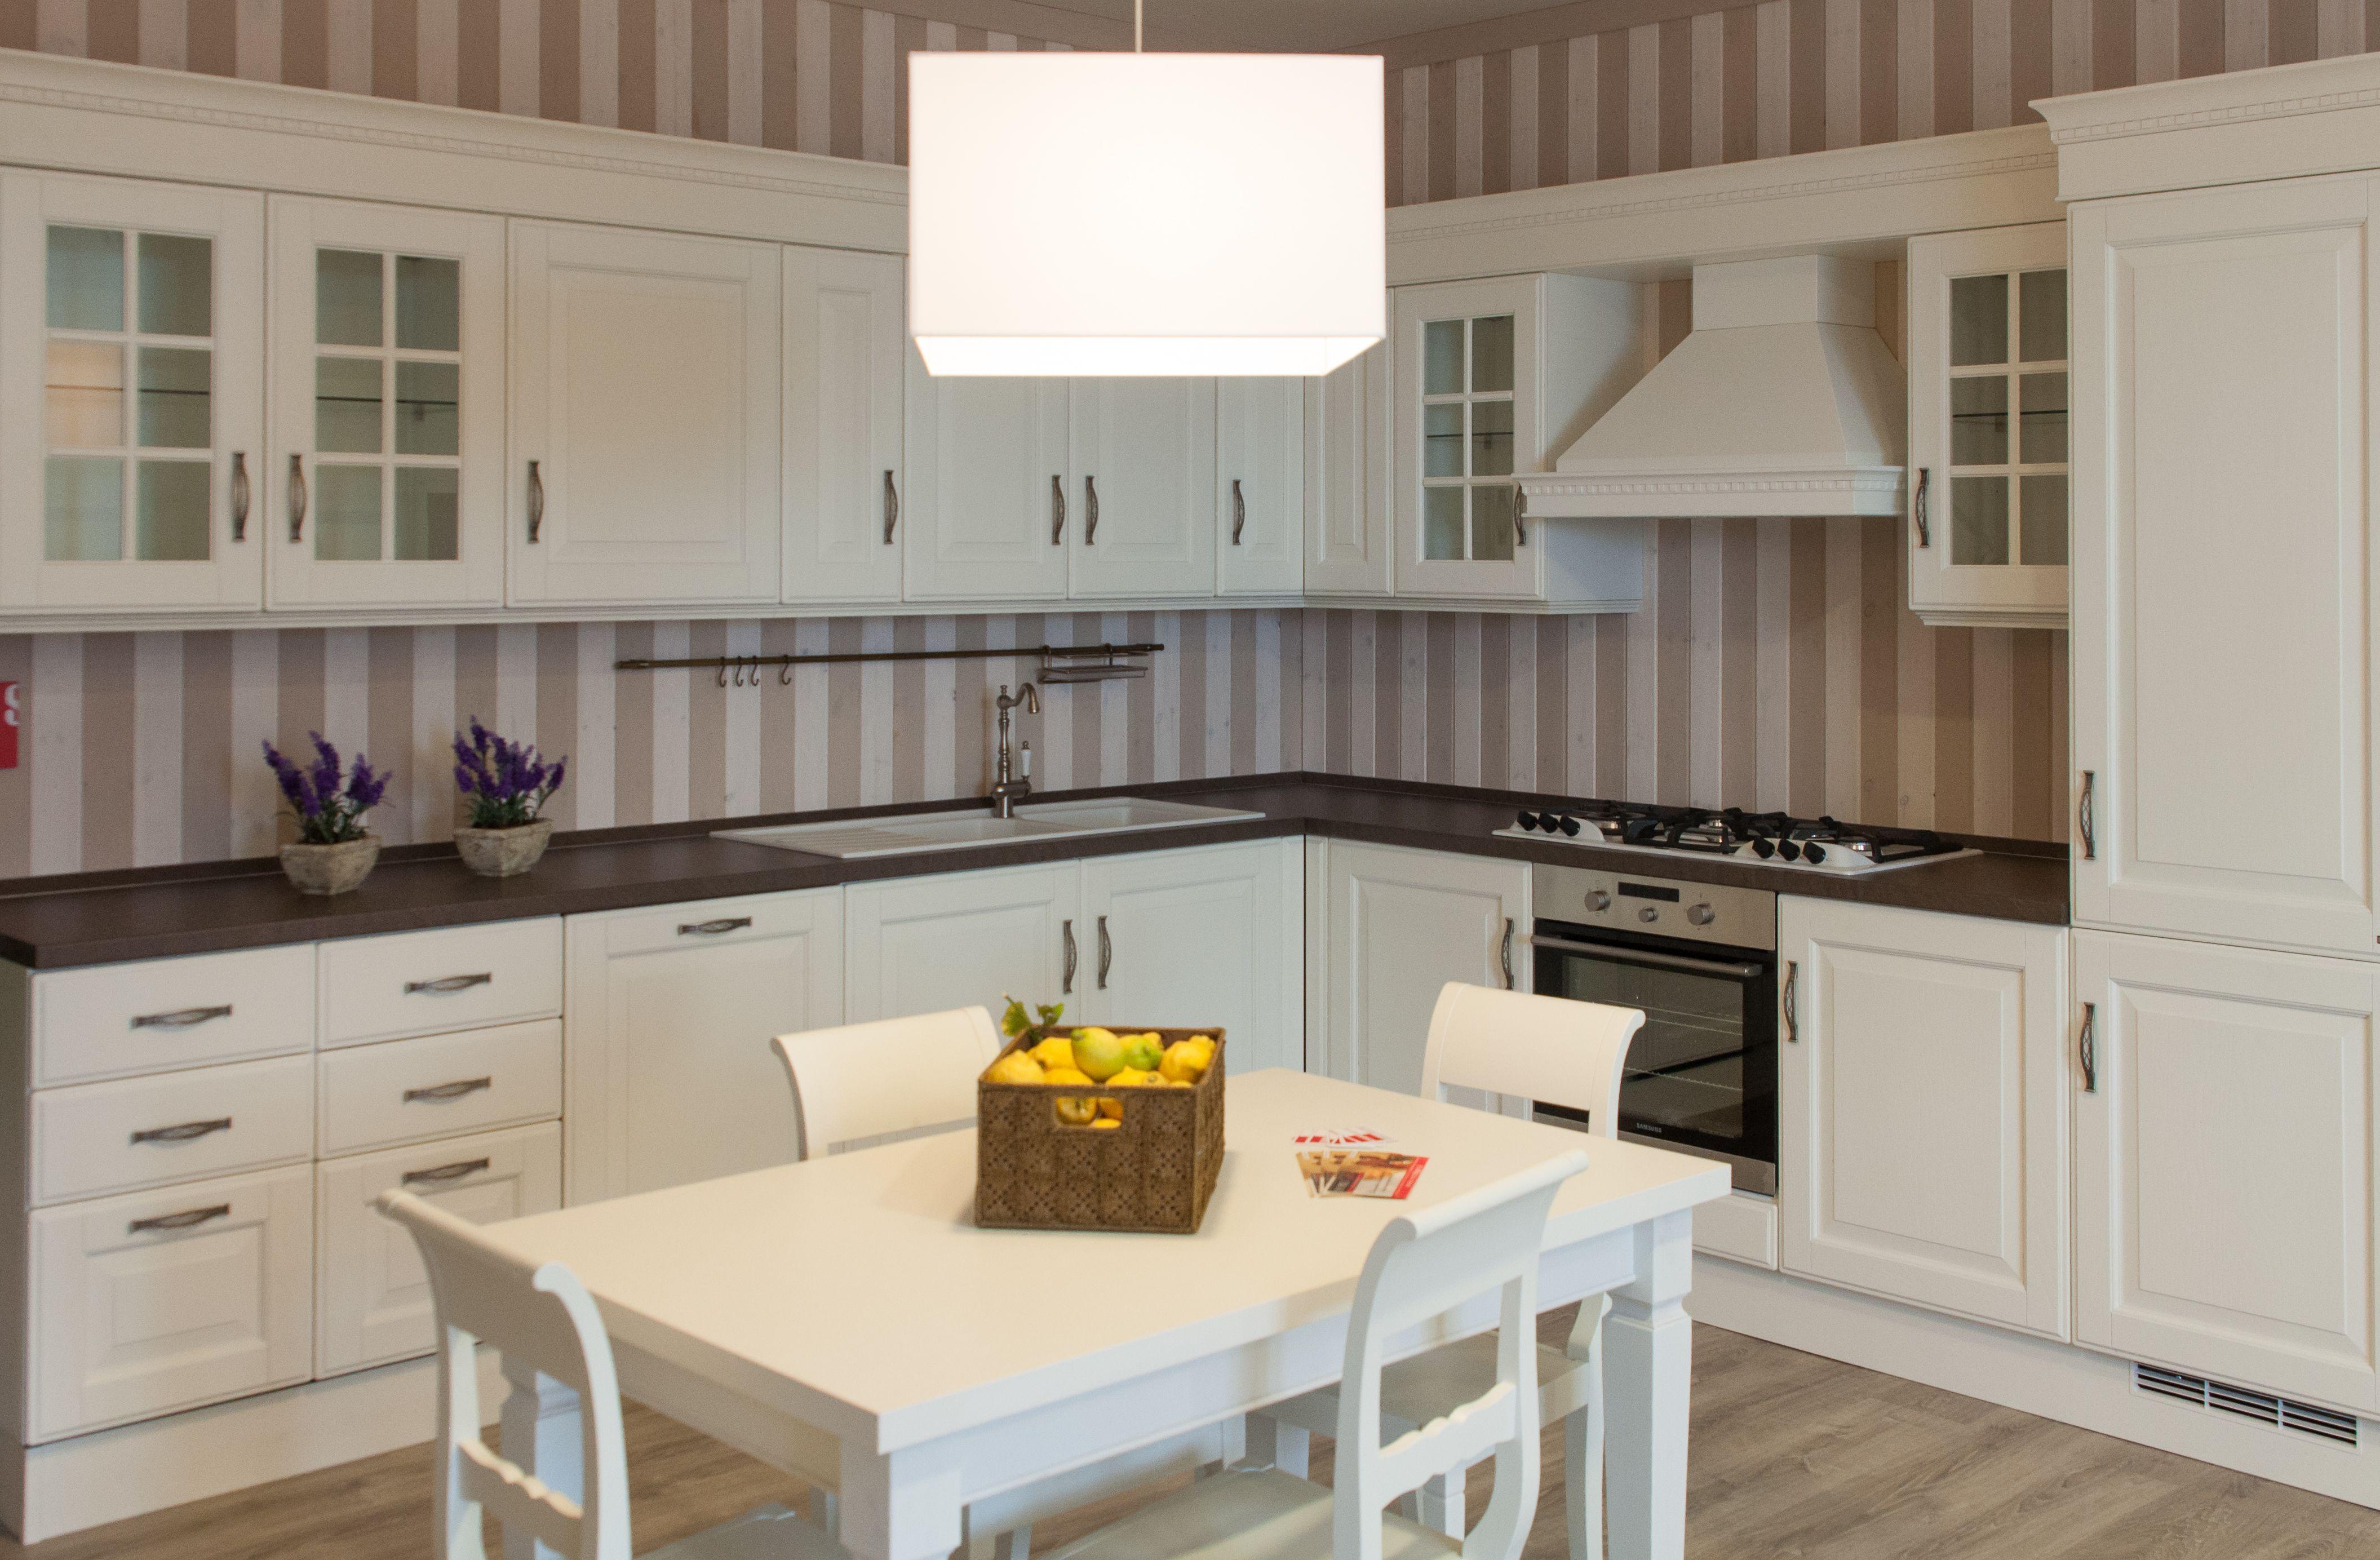 Cucina scavolini bianca classica in esposizione nello - Cucina scavolini classica ...